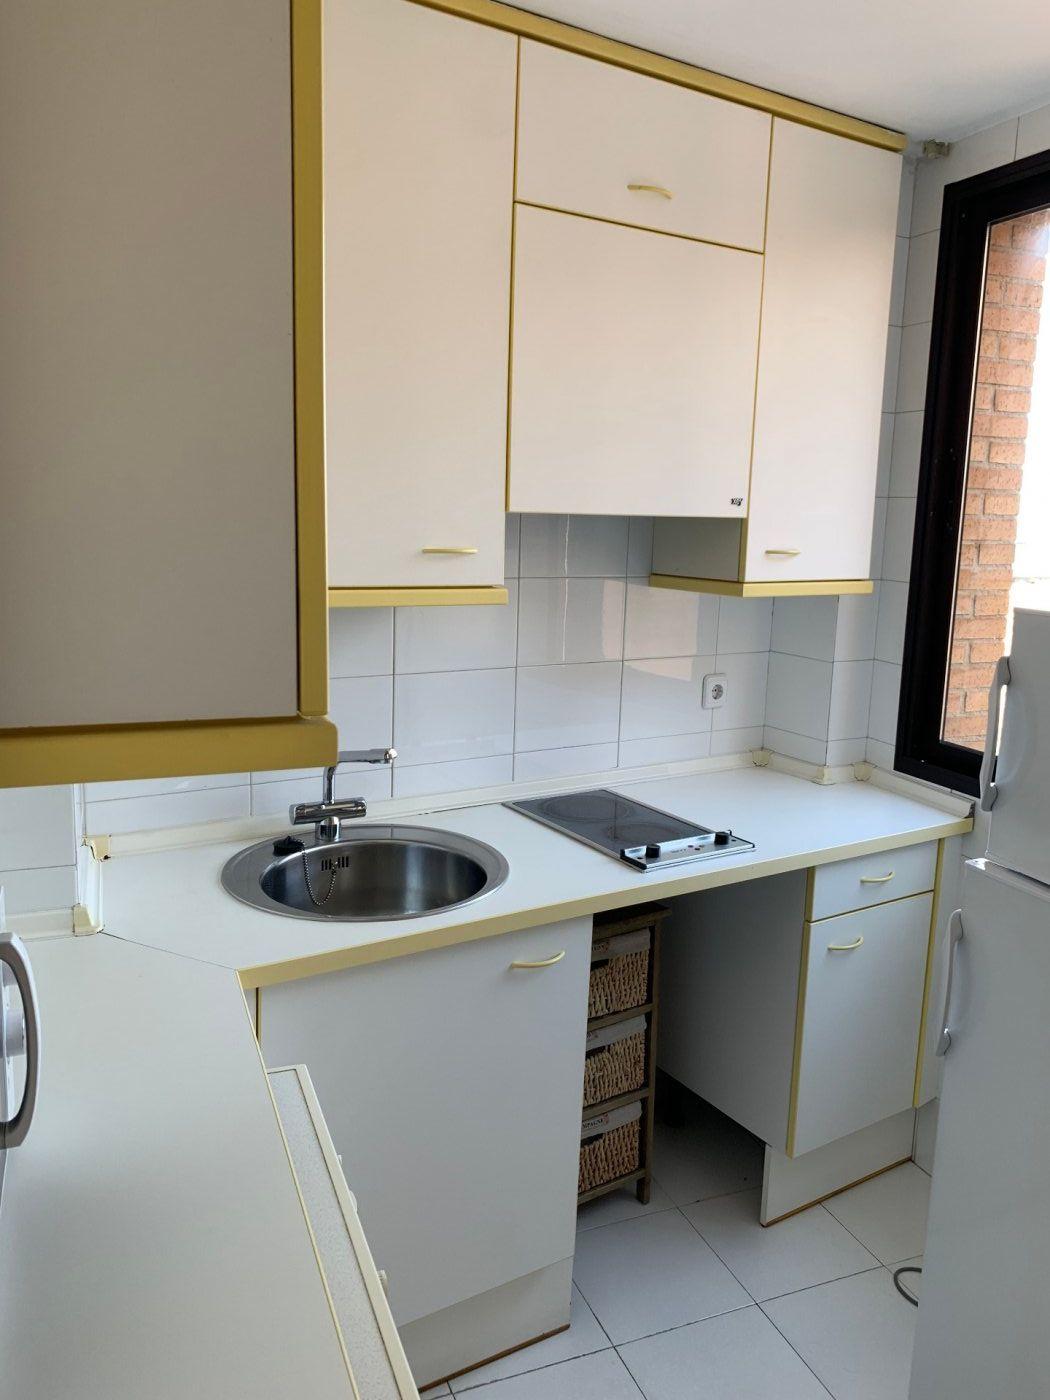 Venta o alquiler de piso en madrid - imagenInmueble24